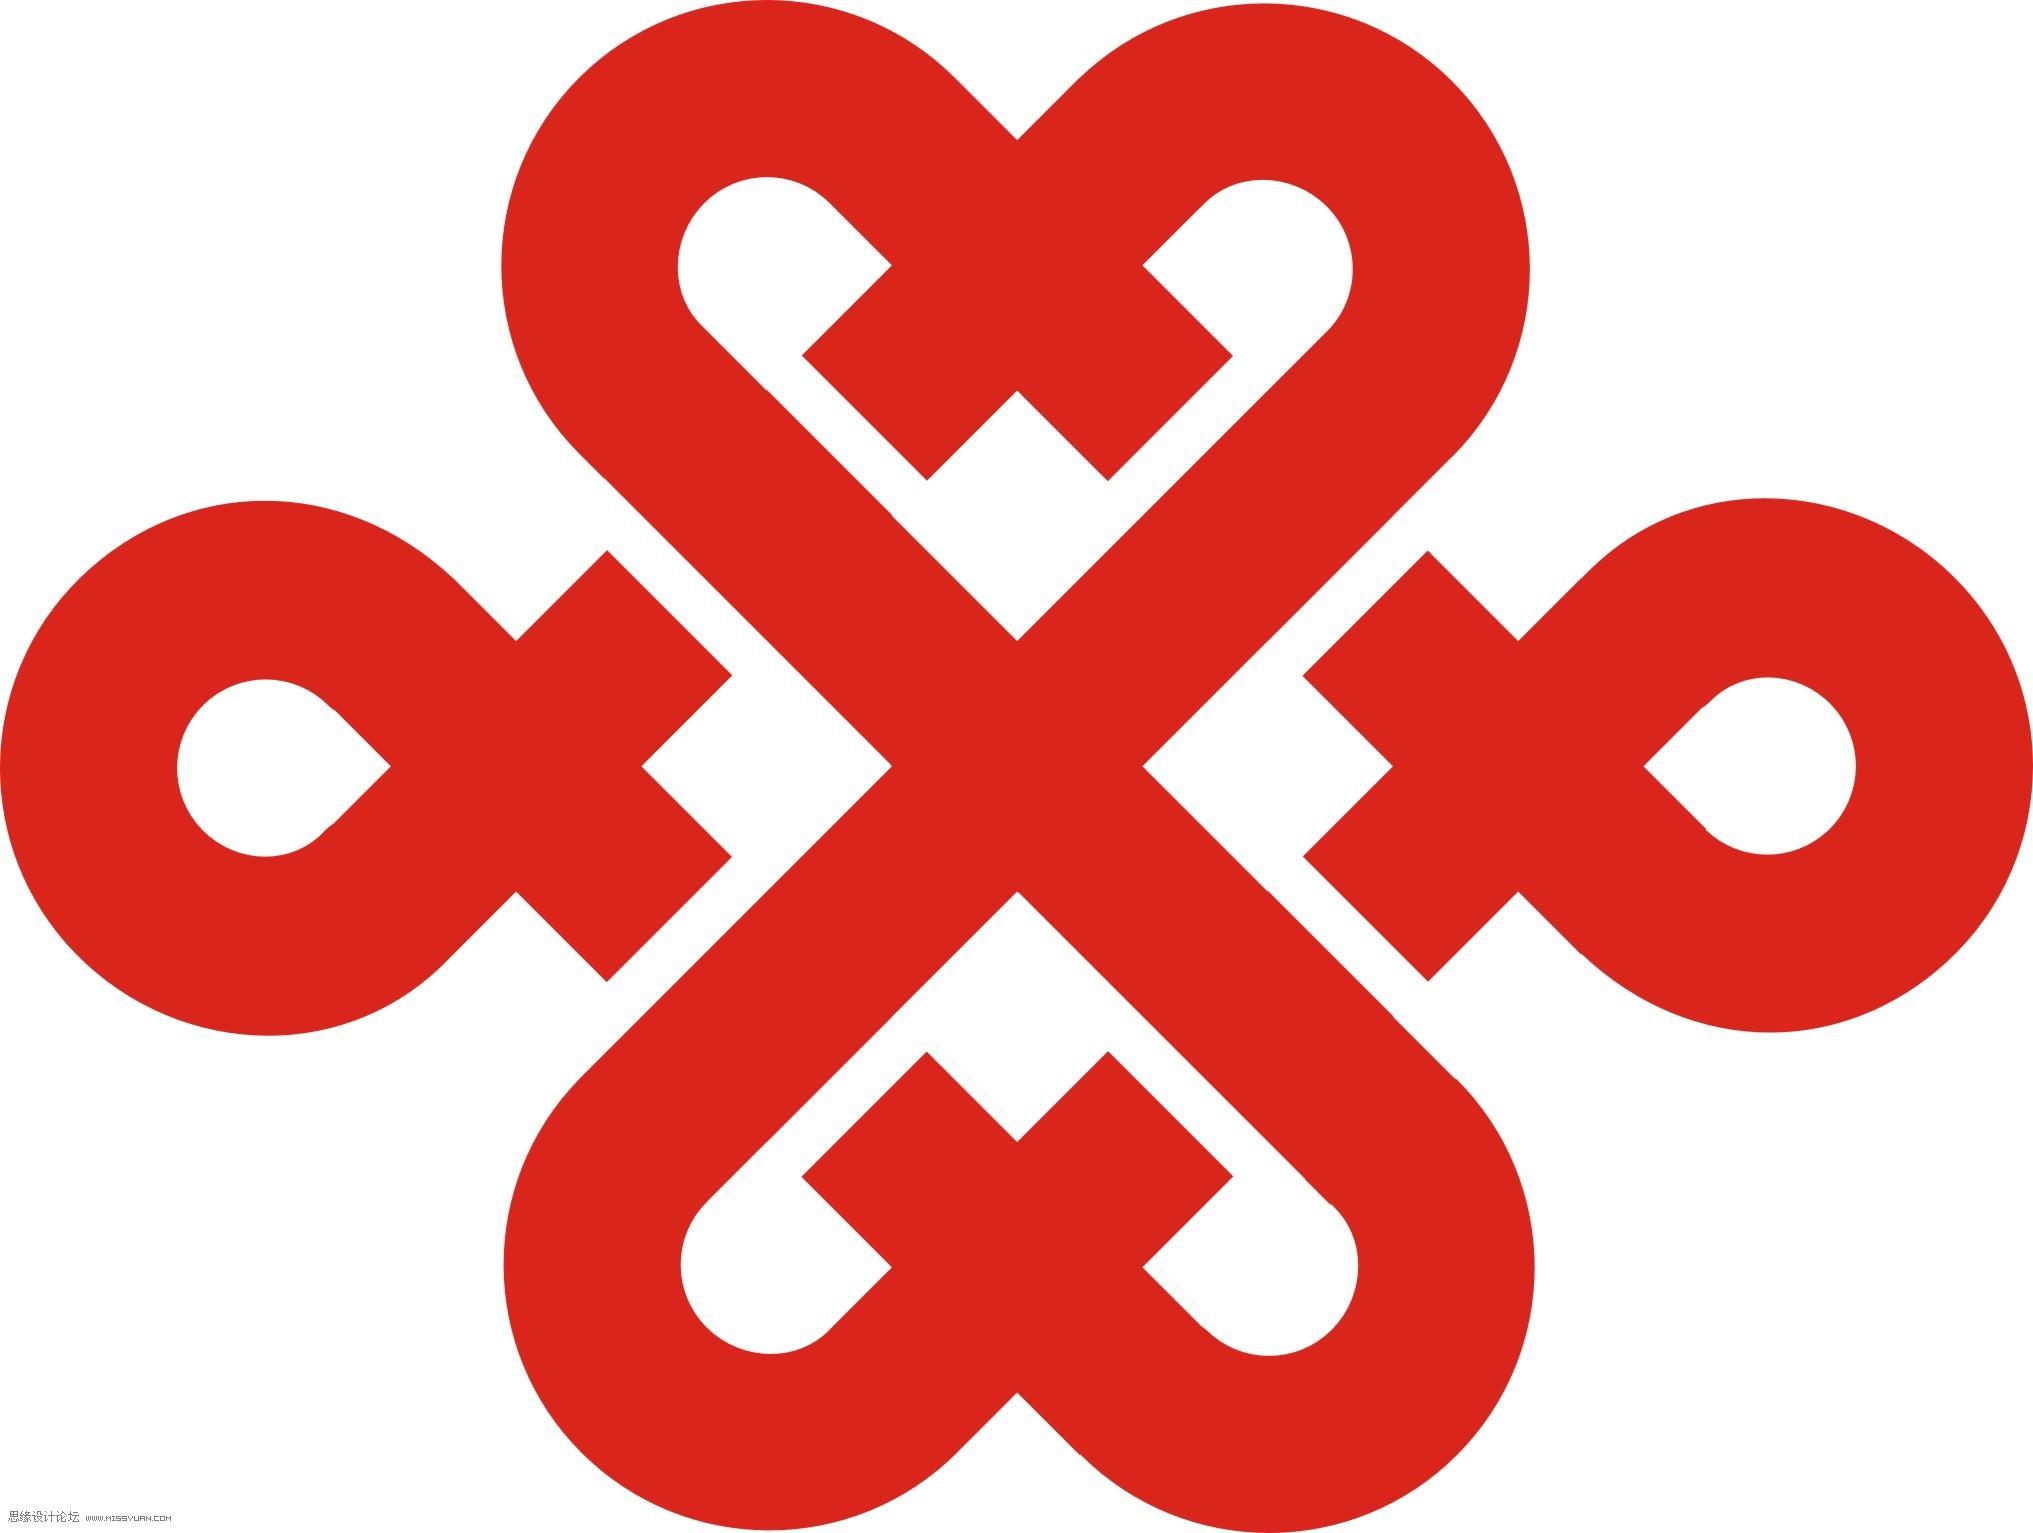 中国网通logo_联通标志大图图片展示_联通标志大图相关图片下载